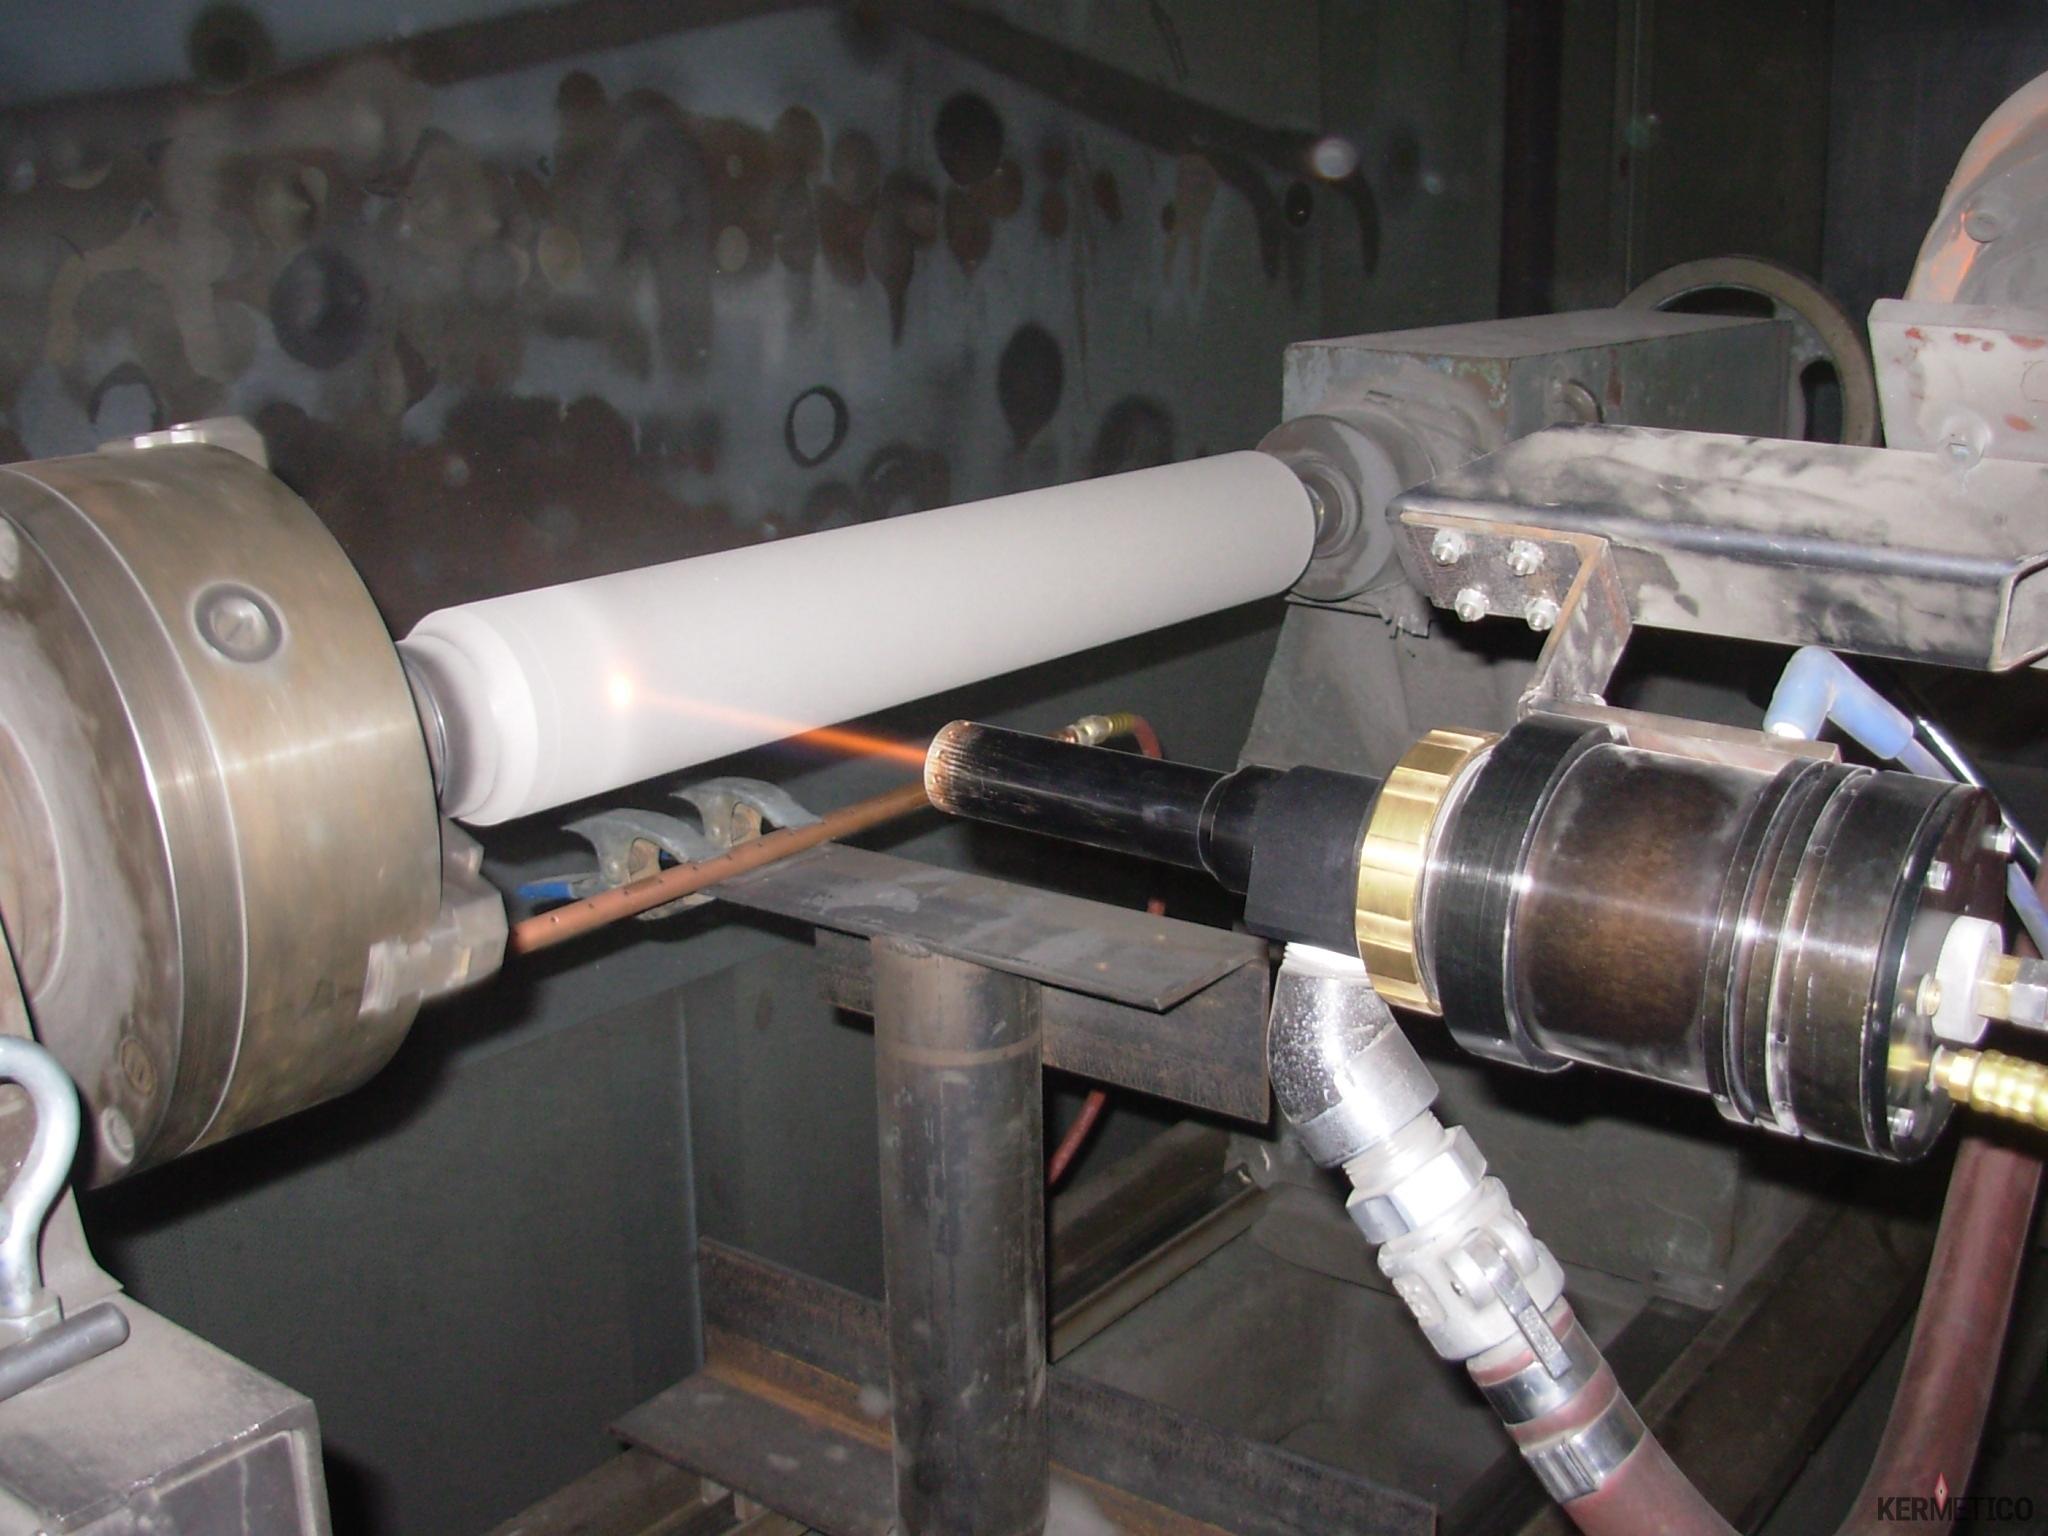 Kermetico HVAF Spraying a Hard Coating onto a Plunger